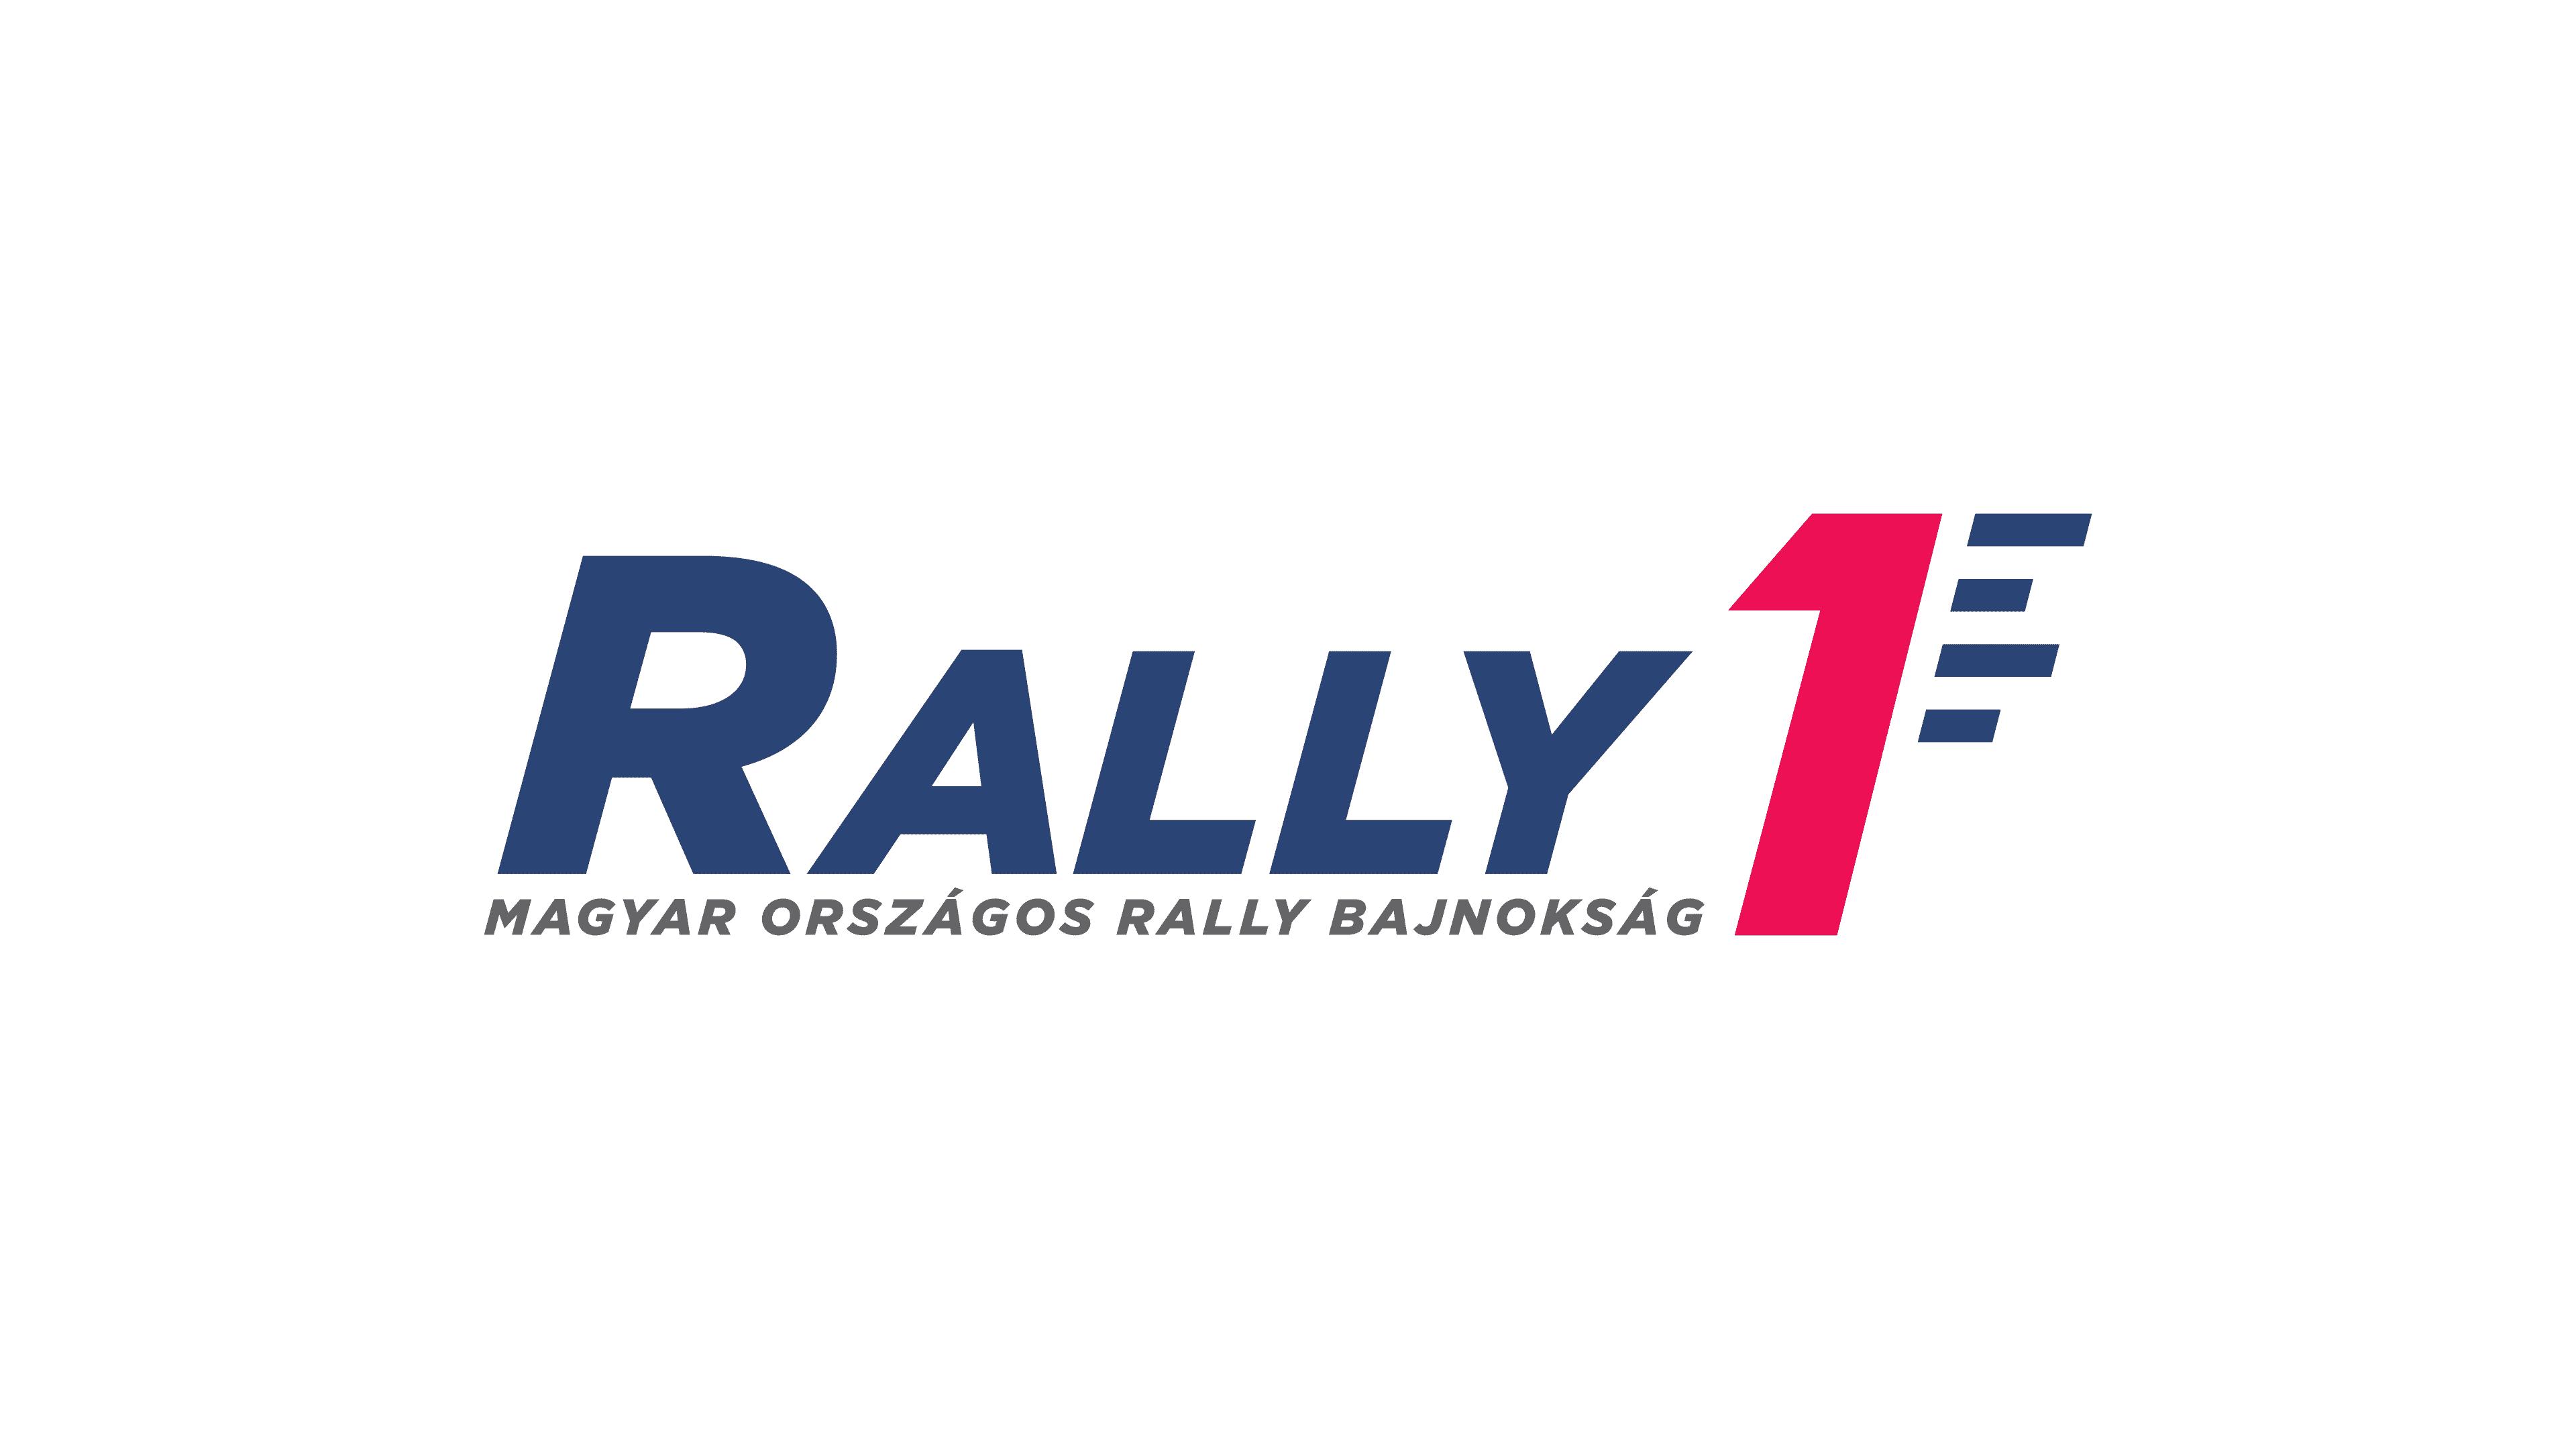 Megjelent a Nyíregyháza Rally kiírás tervezete!